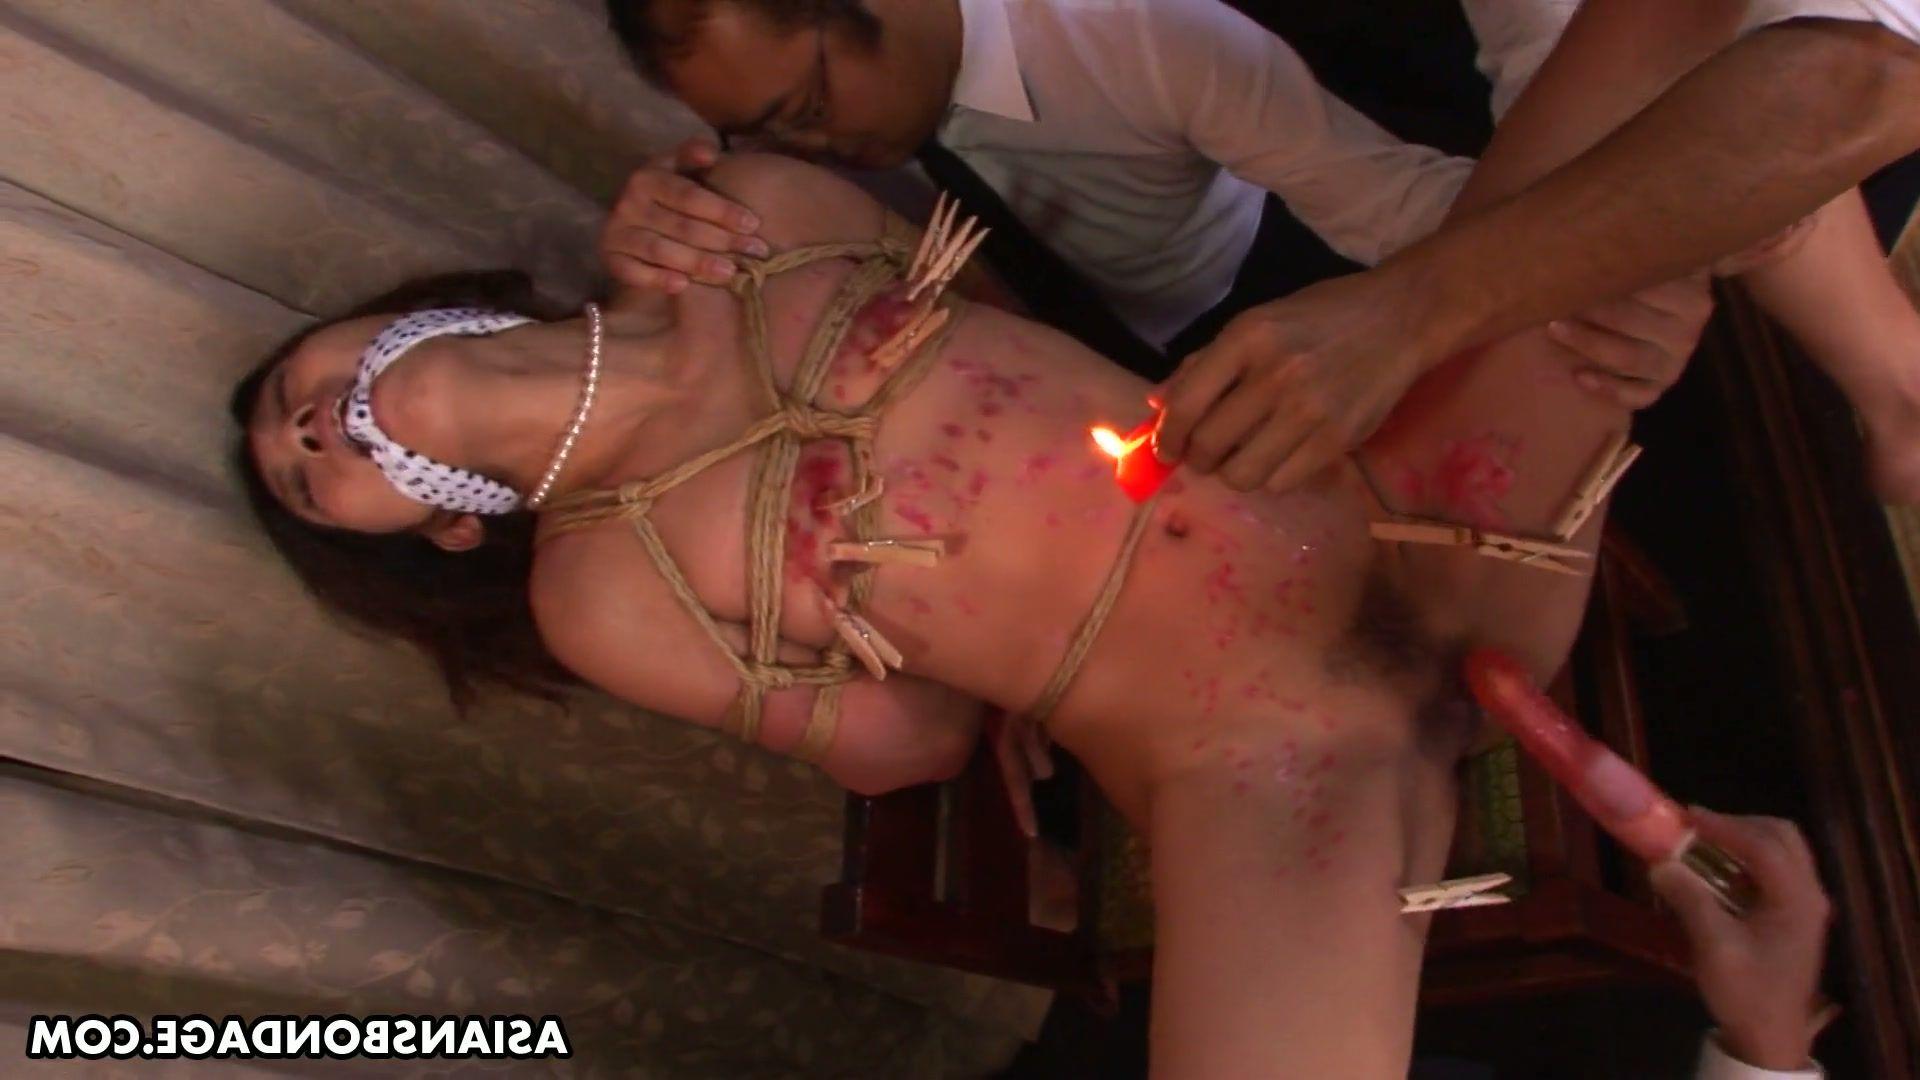 Blonde erotic massage